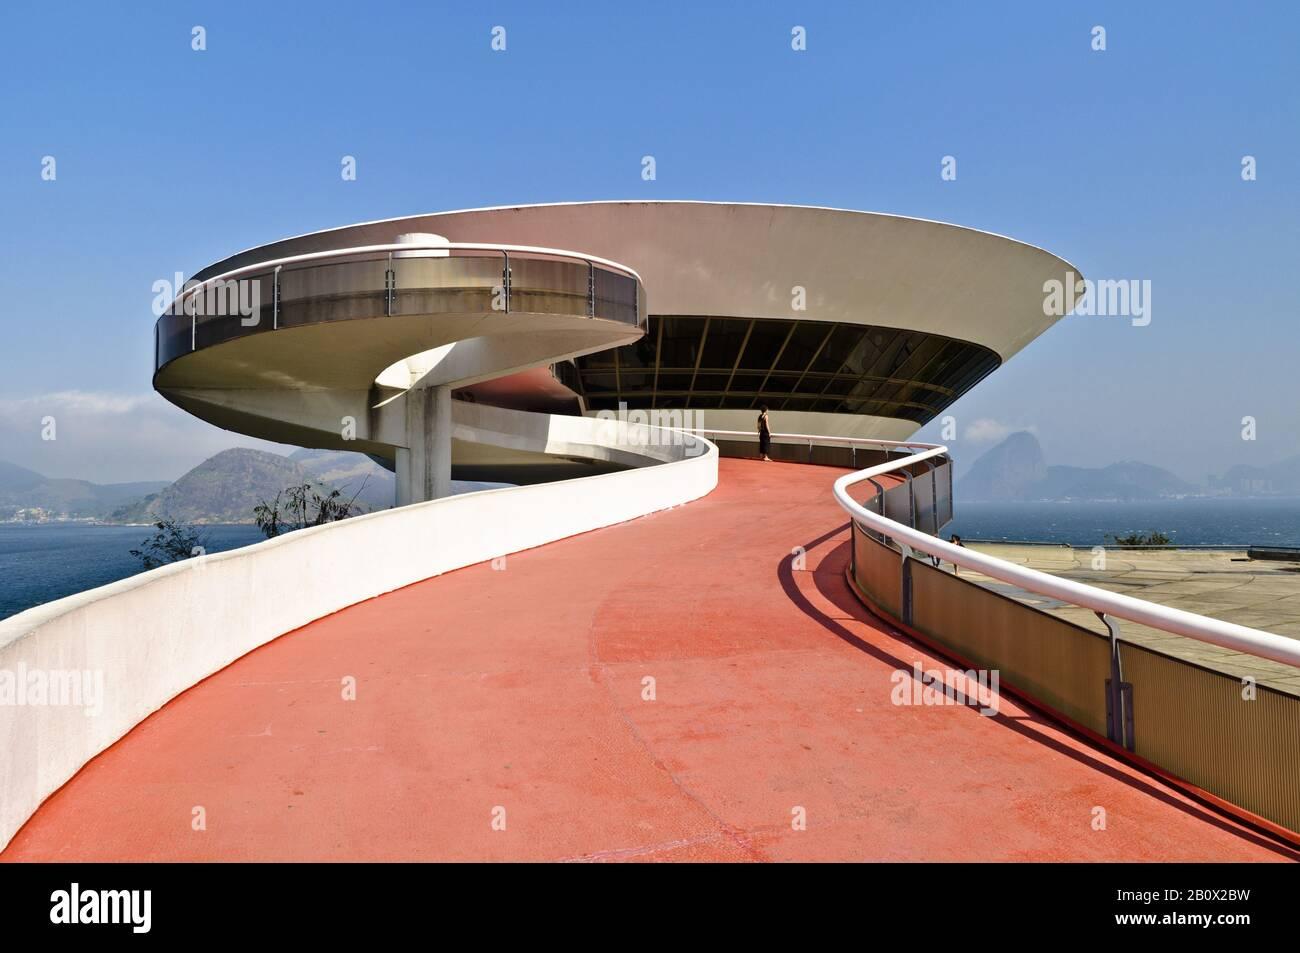 Musée D'Art Moderne, construit par Oscar Niemeyer, Nitreoi, Brésil, Banque D'Images